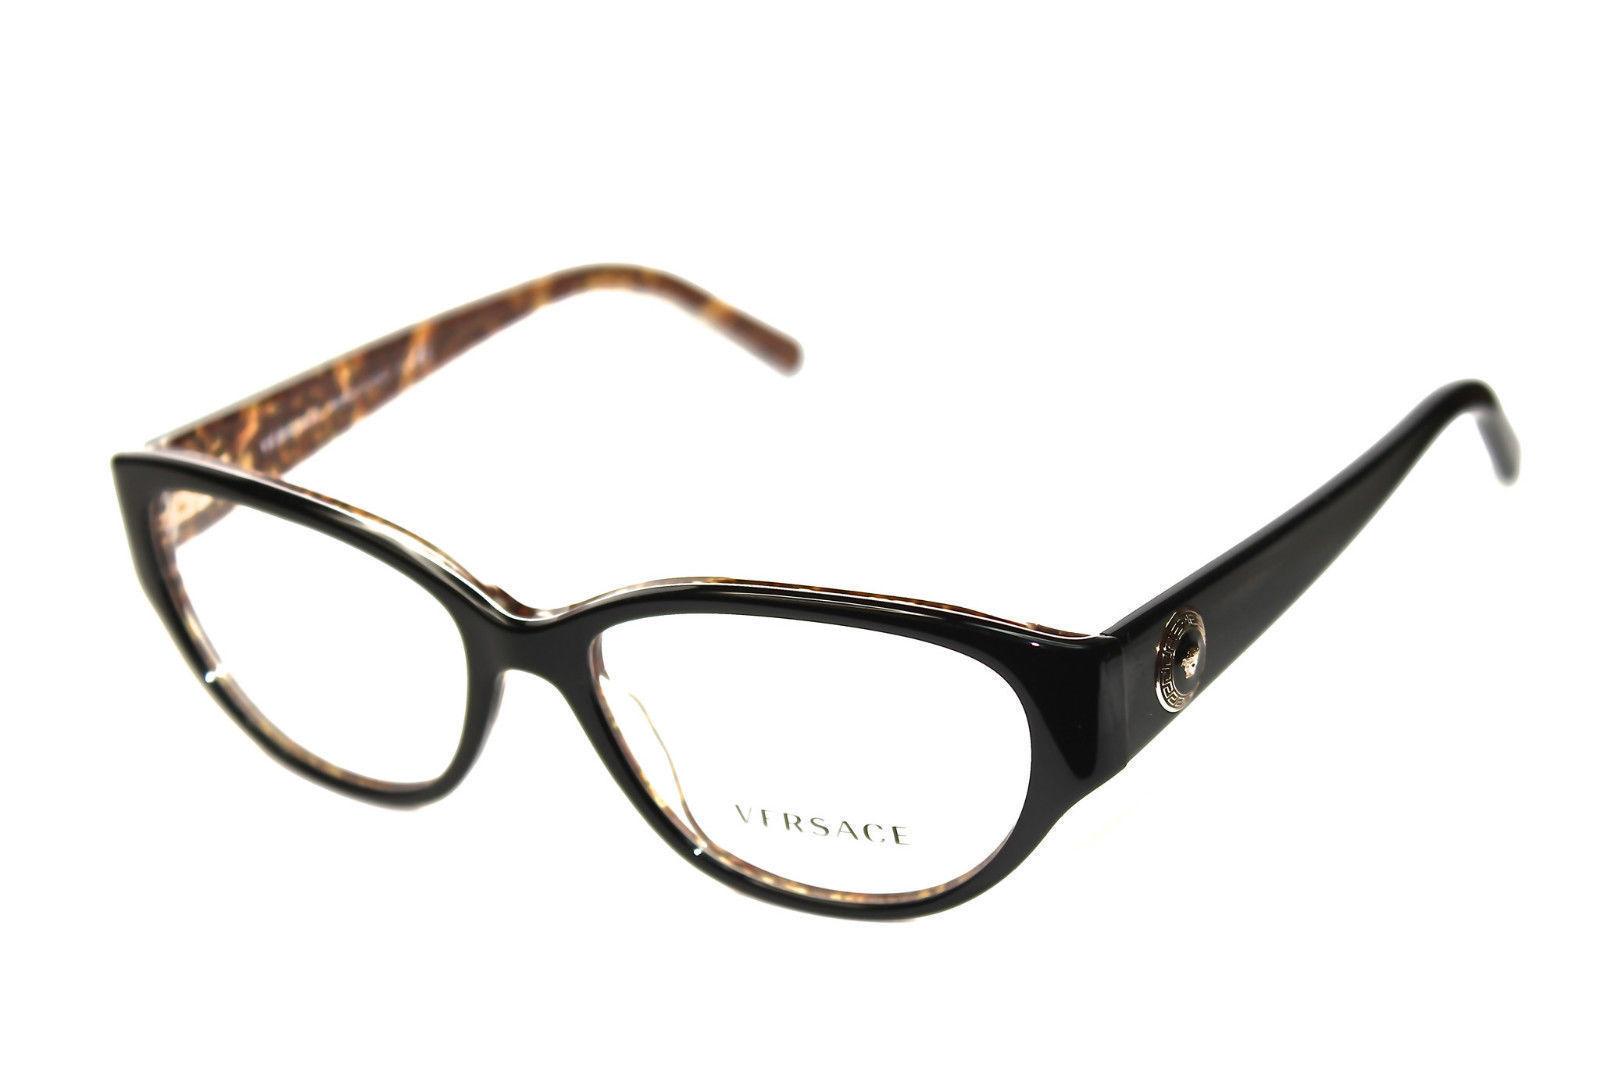 303f2acc04 3183 5082 Black Medusa Head Frames RX Eyelgasses 52mm - 90 -  61.69